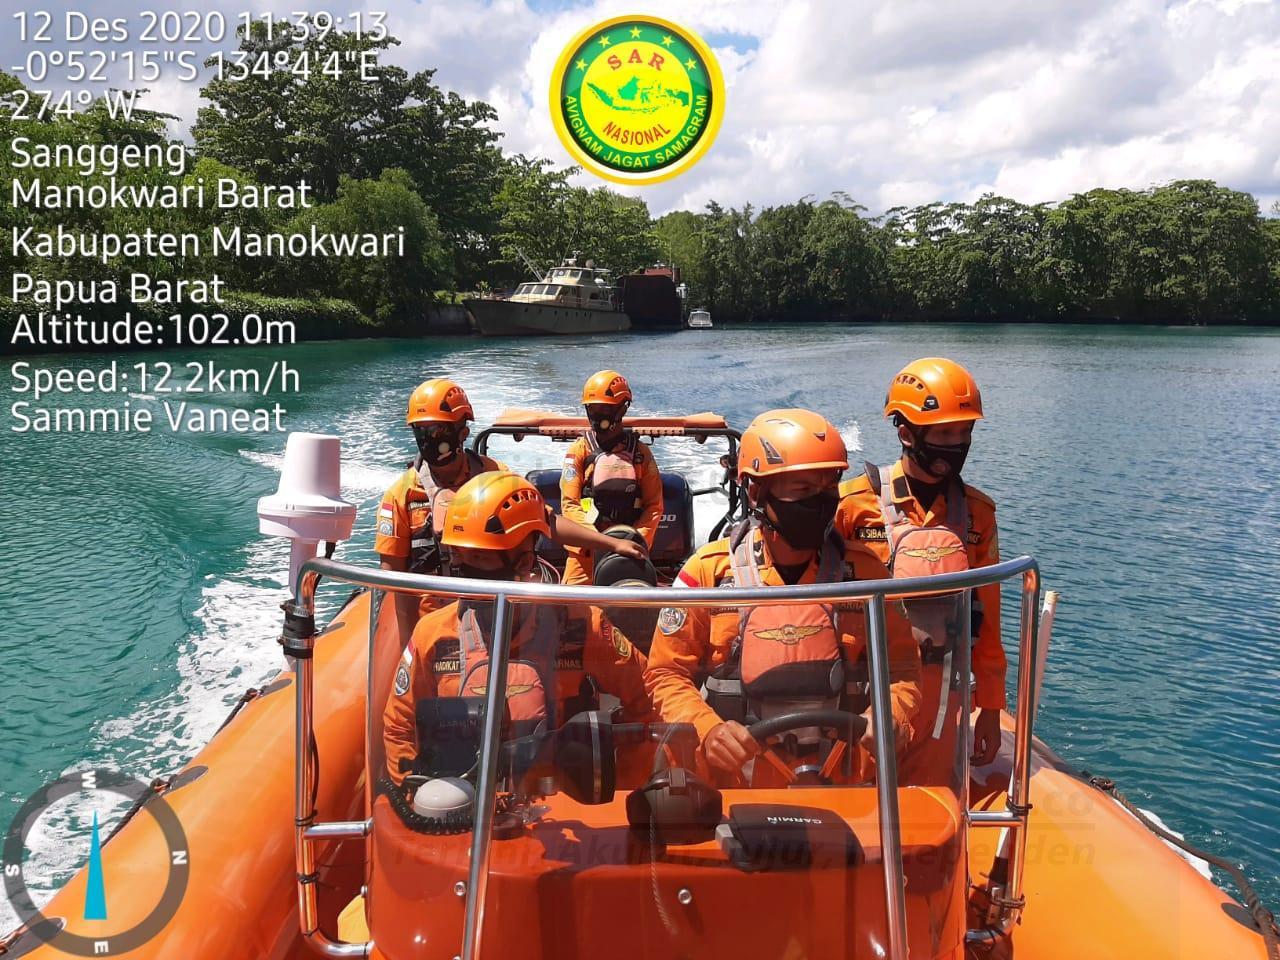 Basarnas Manokwari Cari Orang Hilang di Perairan Pulau Kaki 3 IMG 20201212 WA0012